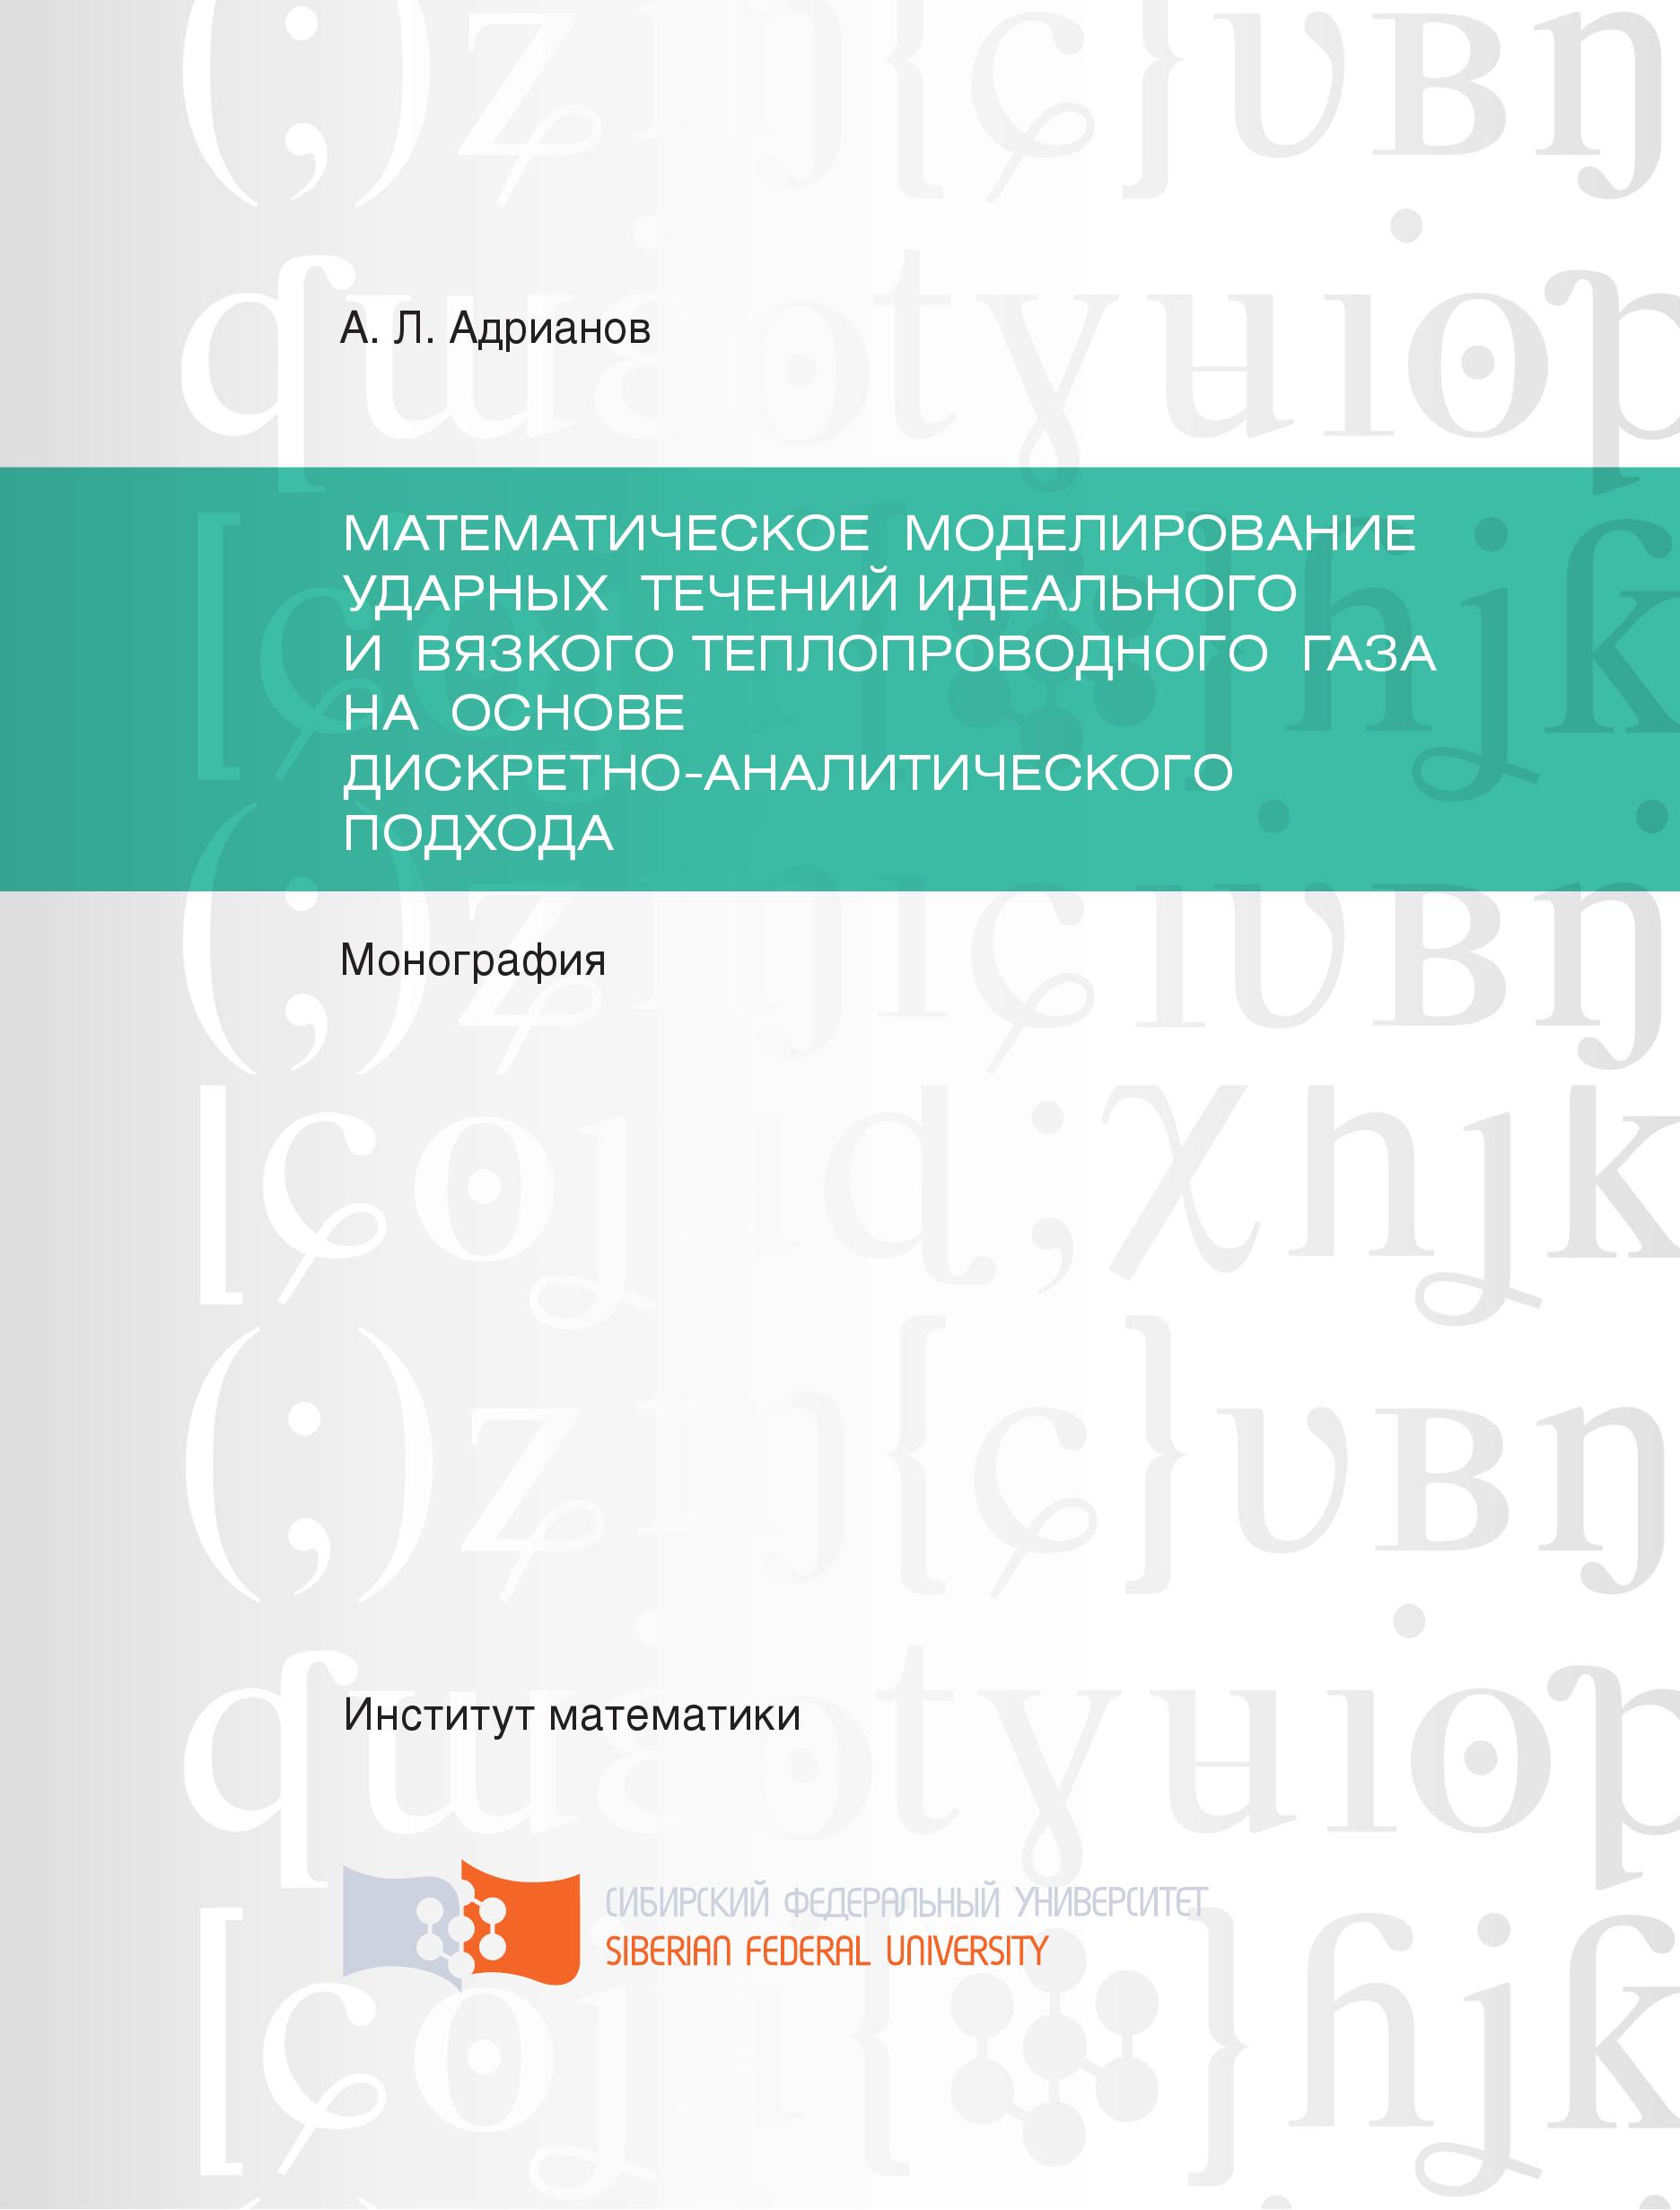 Александр Адрианов Математическое моделирование ударных течений идеального и вязкого теплопроводного газа на основе дискретно-аналитического подхода цена